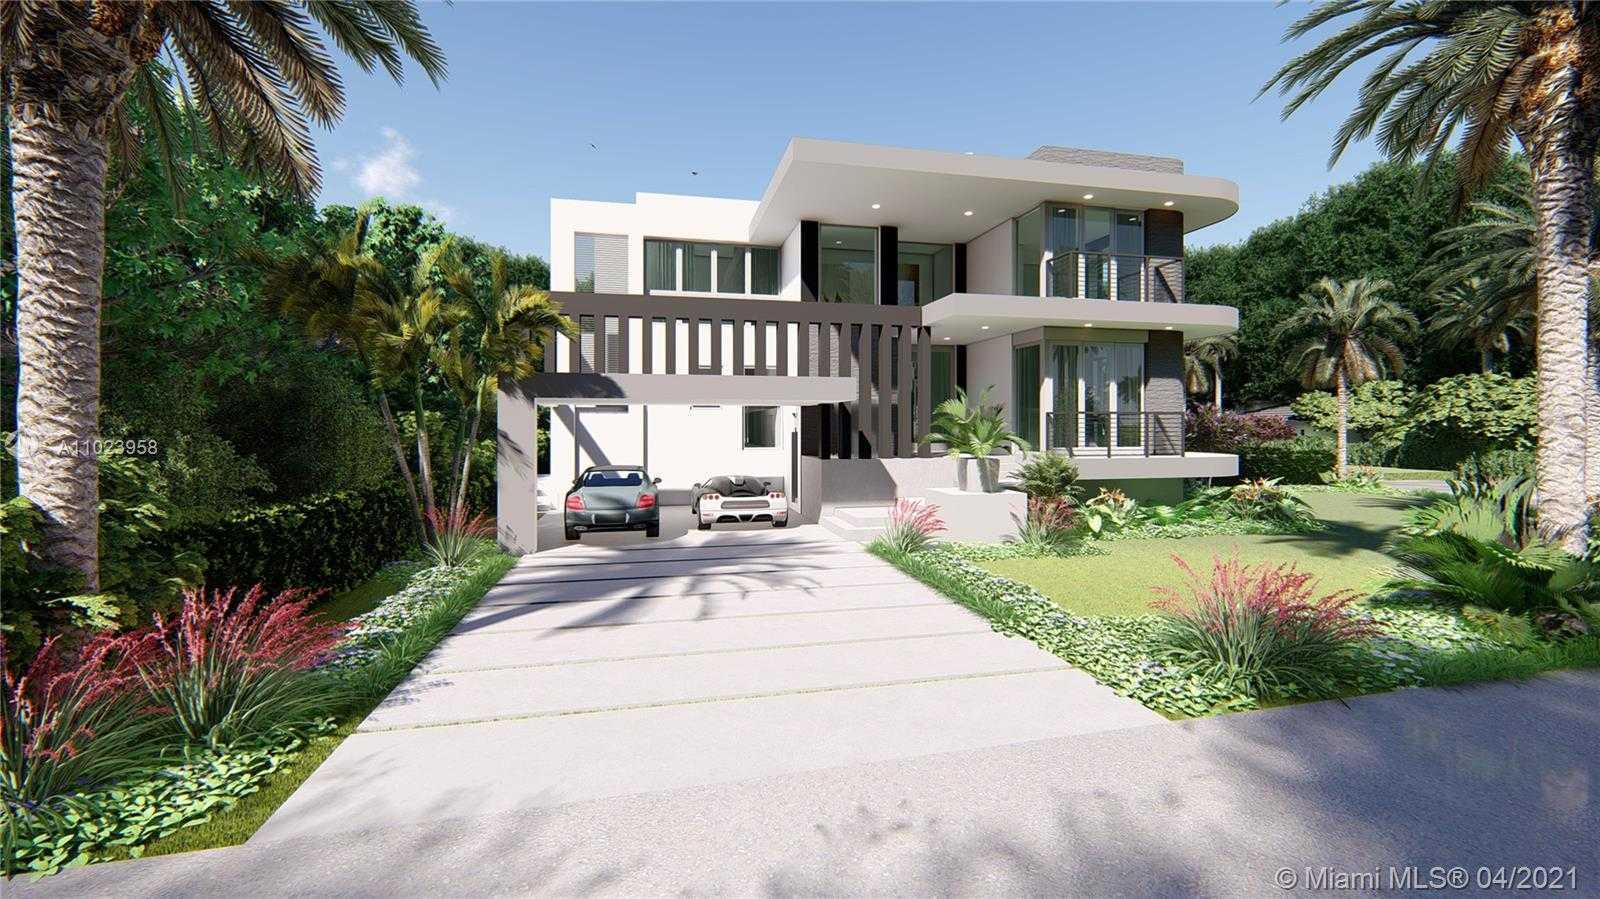 Maison Miami  -  ref MIA357536694 (picture 1)